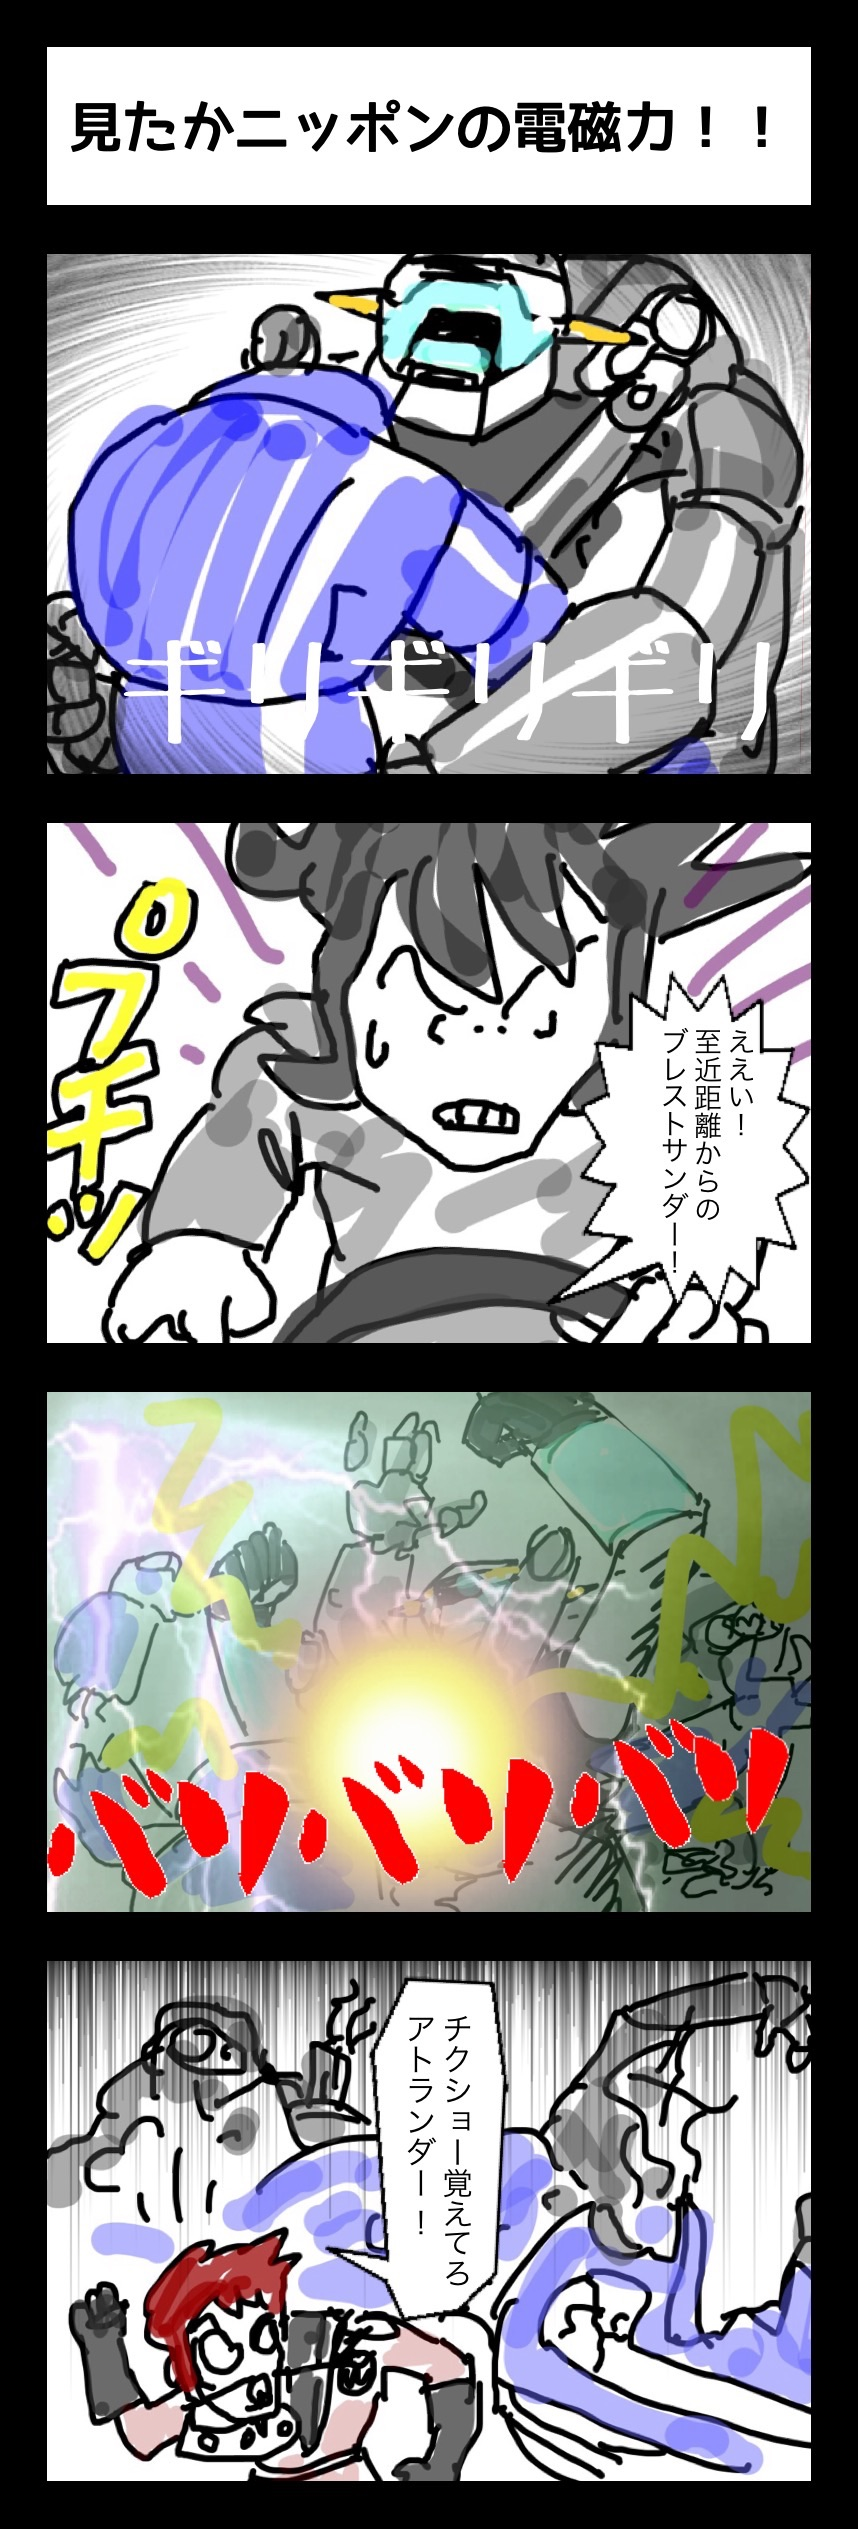 連載4コマ漫画 アトランダーV 17